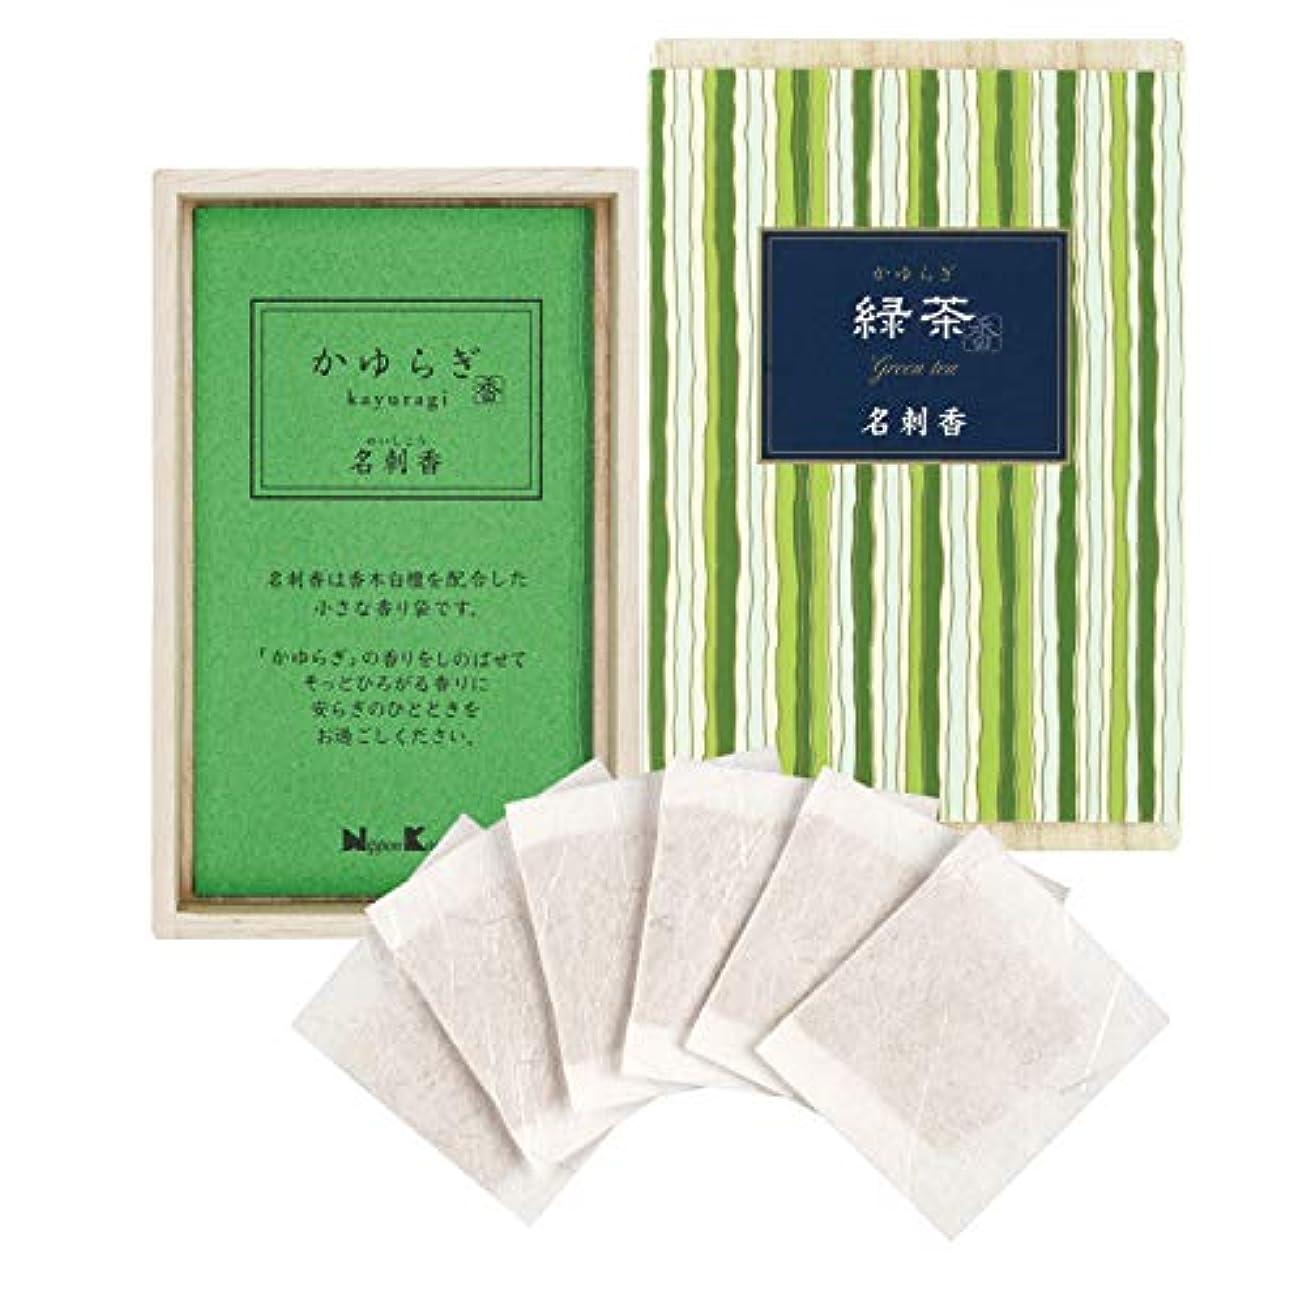 に慣れその後ロビーかゆらぎ 緑茶 名刺香 桐箱 6入